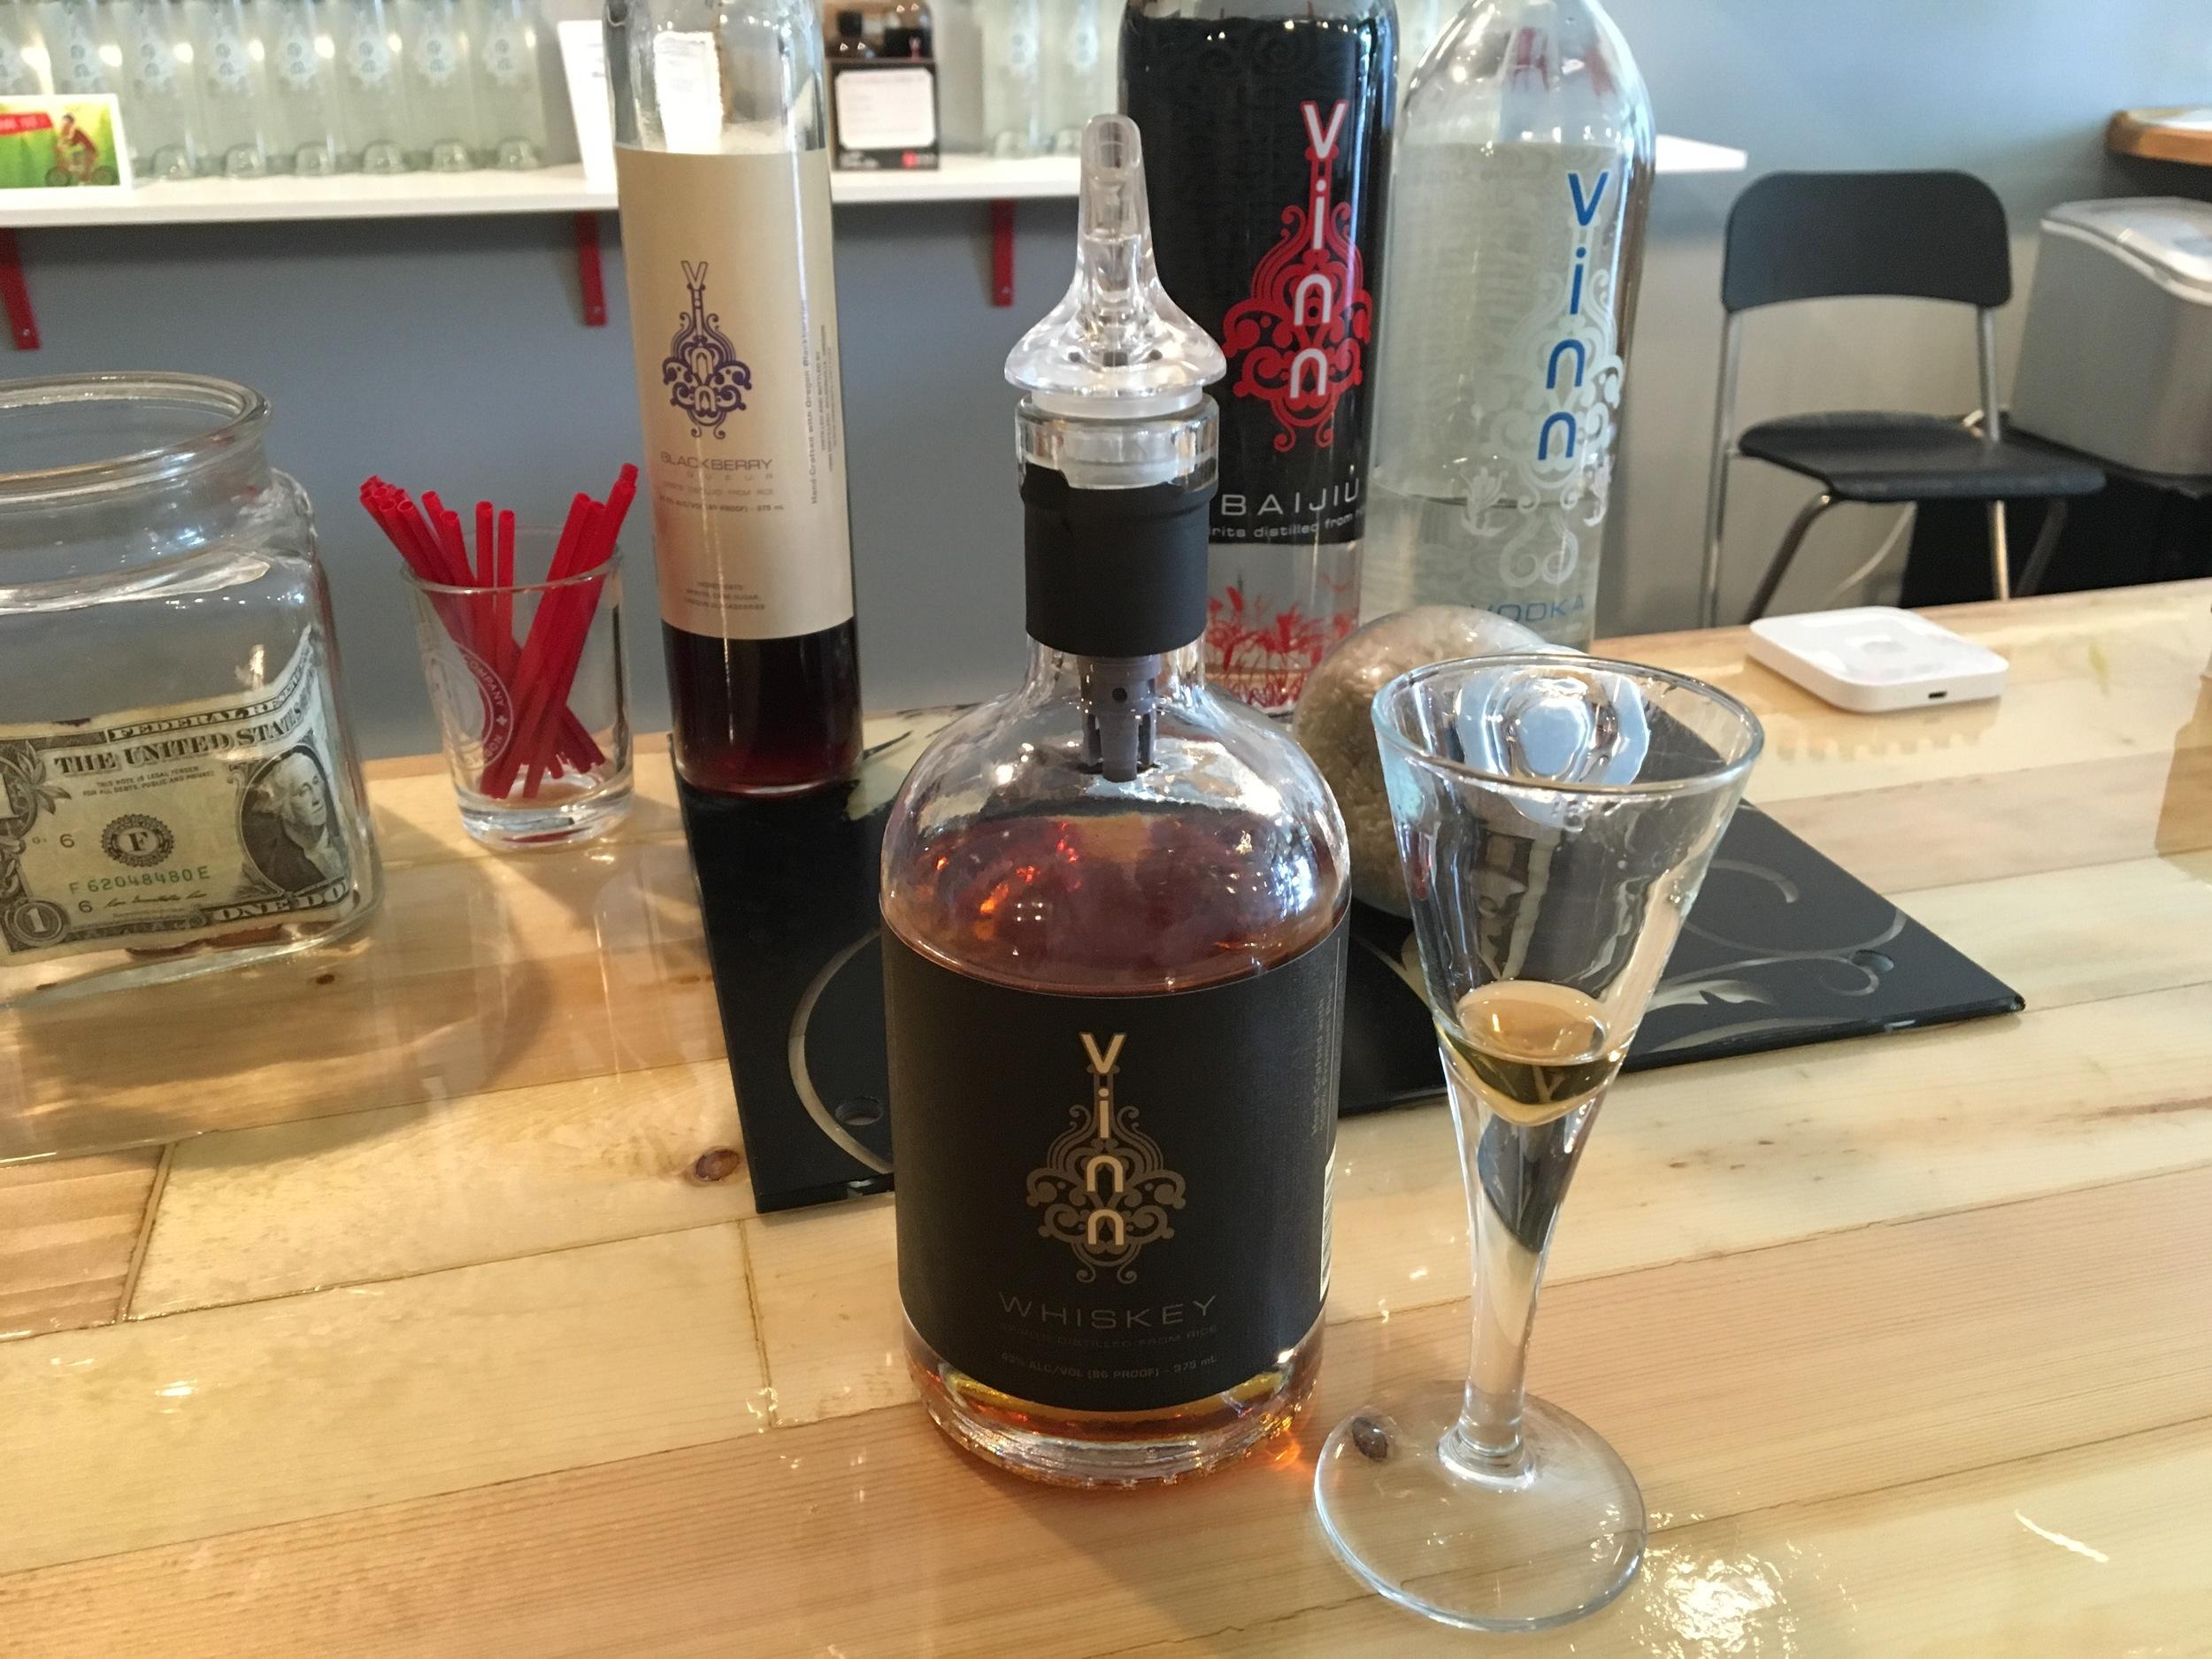 Baiju-based Whiskey from Vinn Distillery.